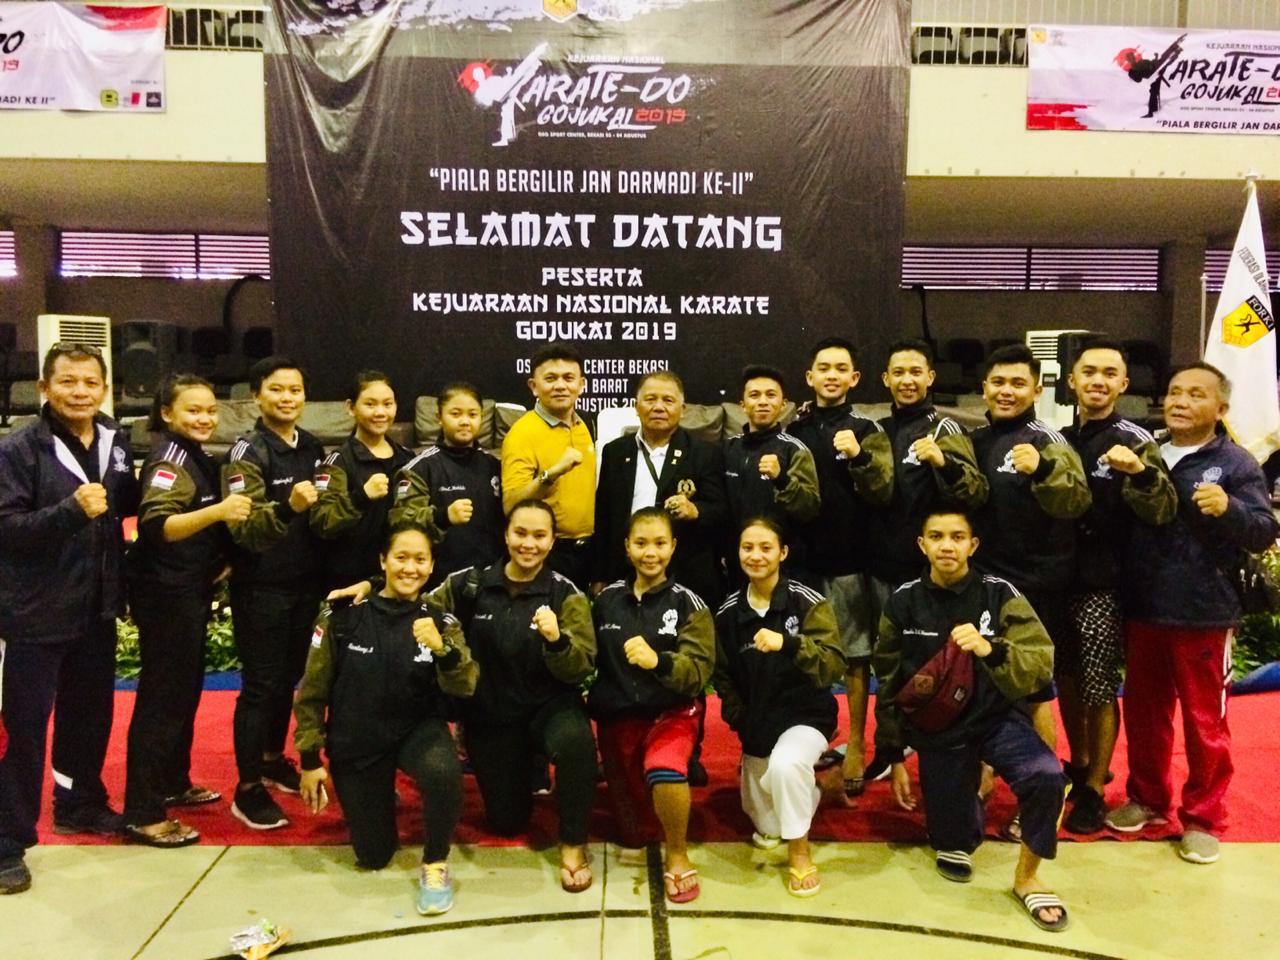 Gojukai Sulut Berjaya di Kejurnas Karate-Do Jabar, Satu Atlet Diutus ke Kejuaraan Dunia